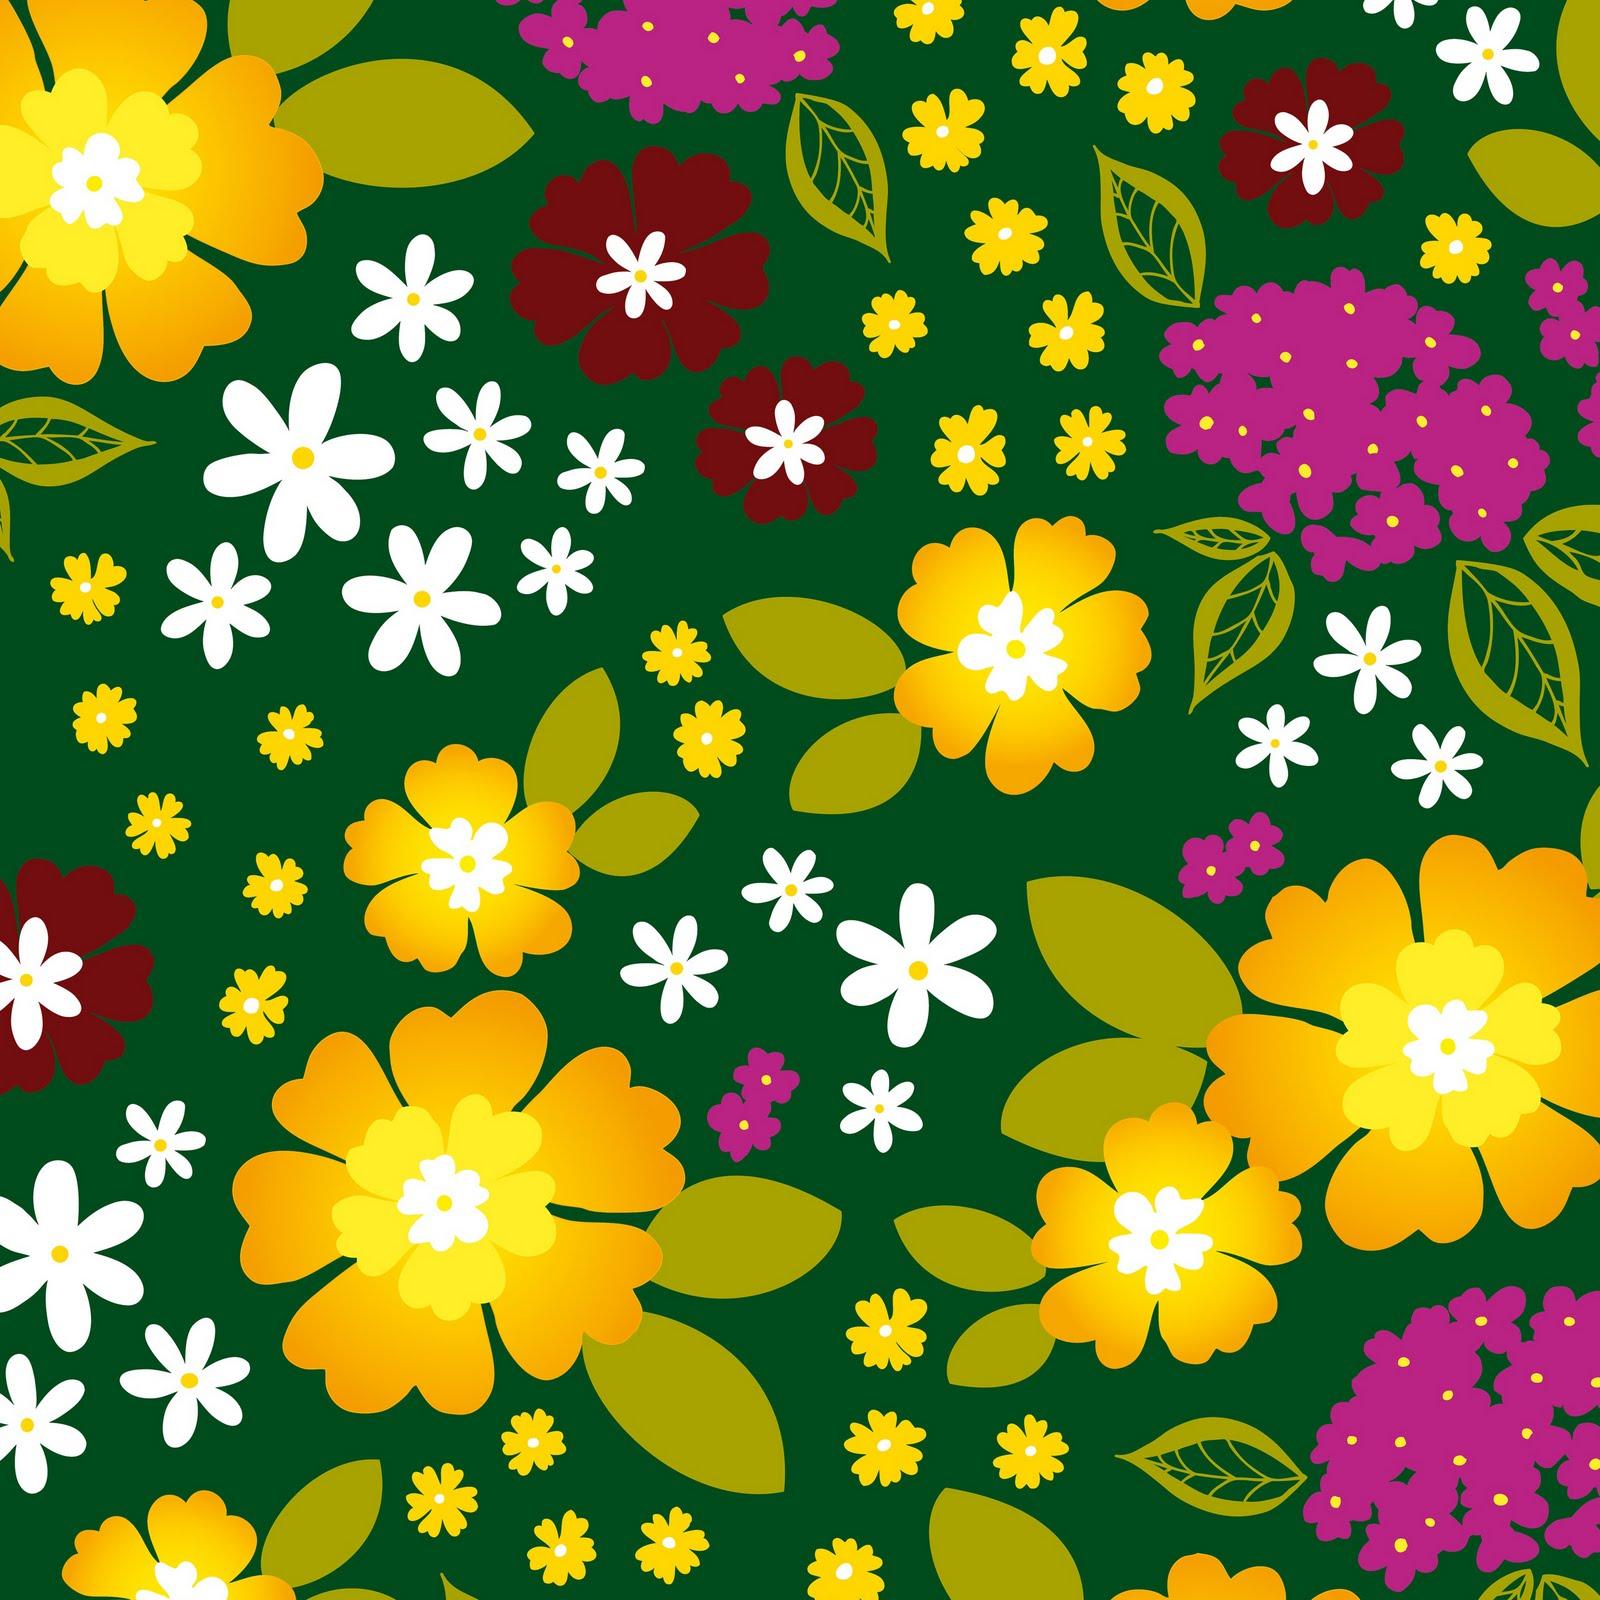 http://3.bp.blogspot.com/-6LK9PgbL5UE/TZqBQIPSlvI/AAAAAAAAApc/hJTTrgWyTUw/s1600/chita%2B4.jpg